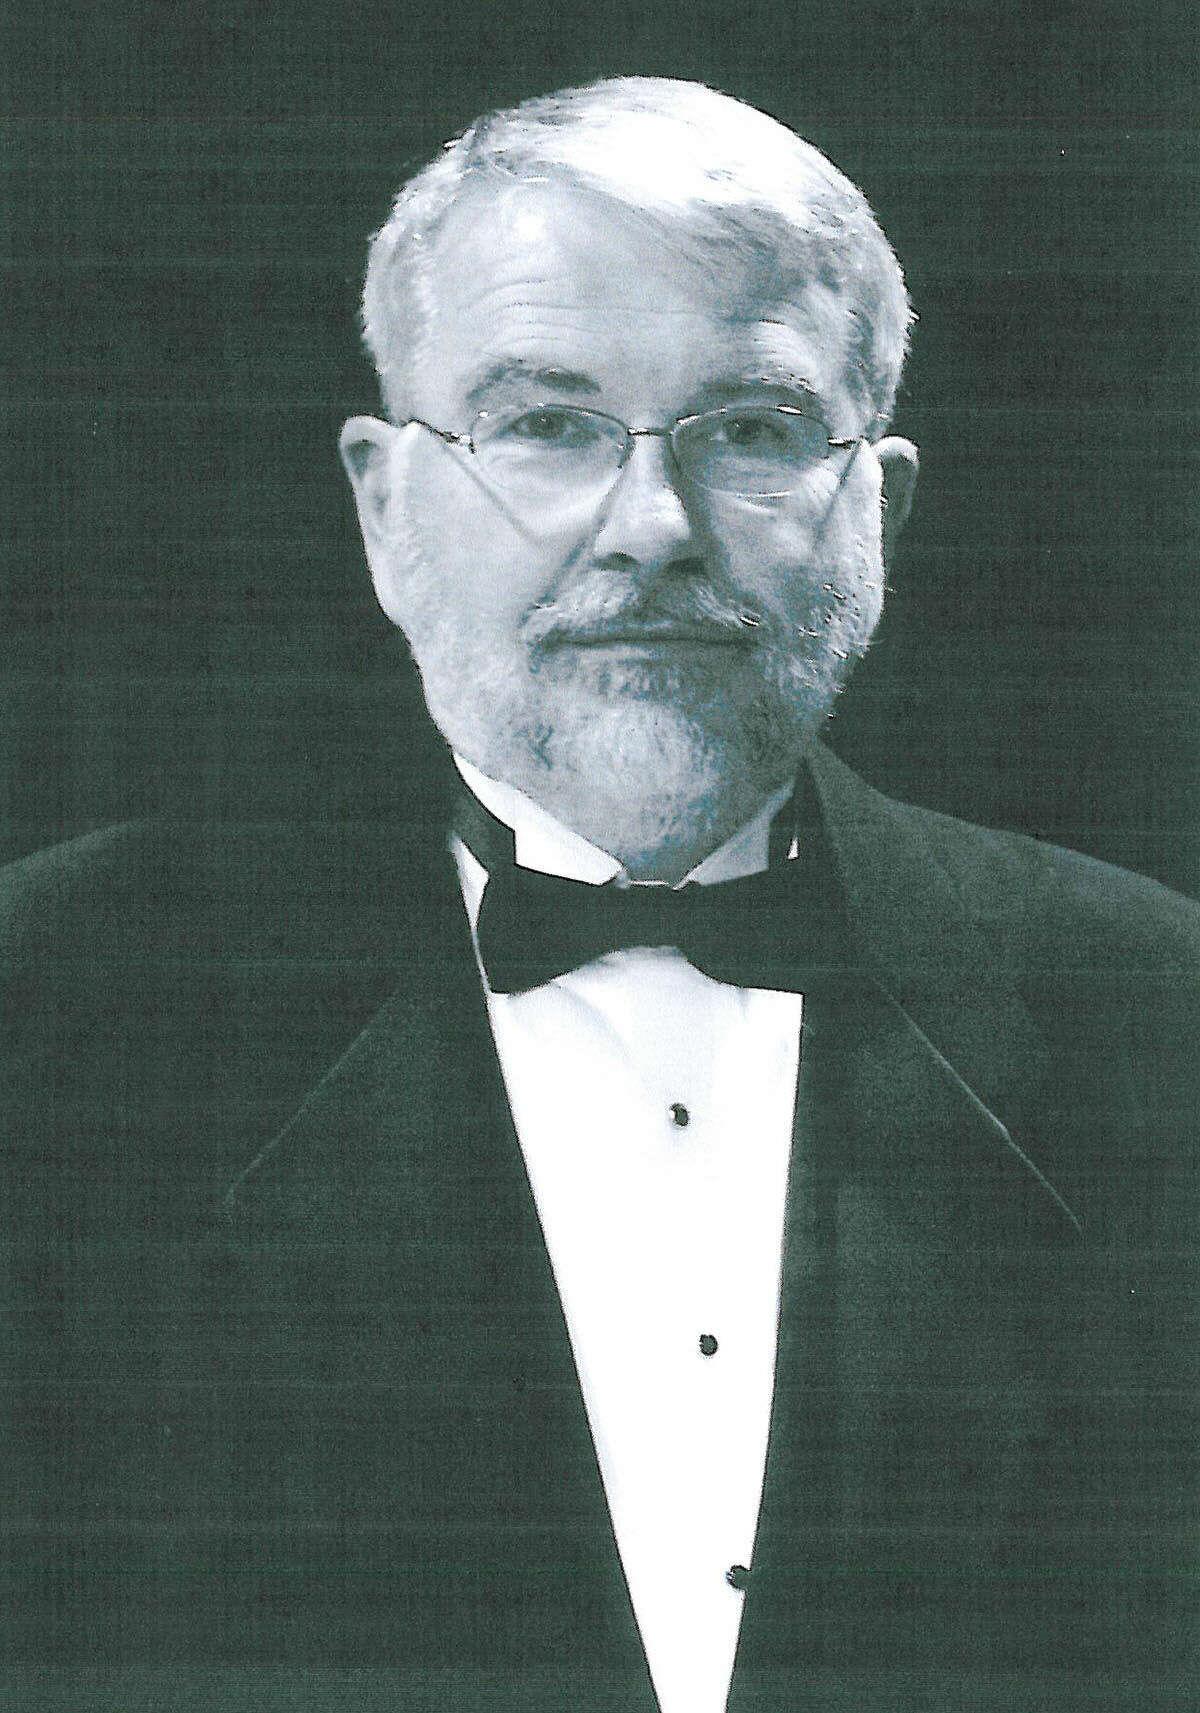 Jeffrey S. Smith